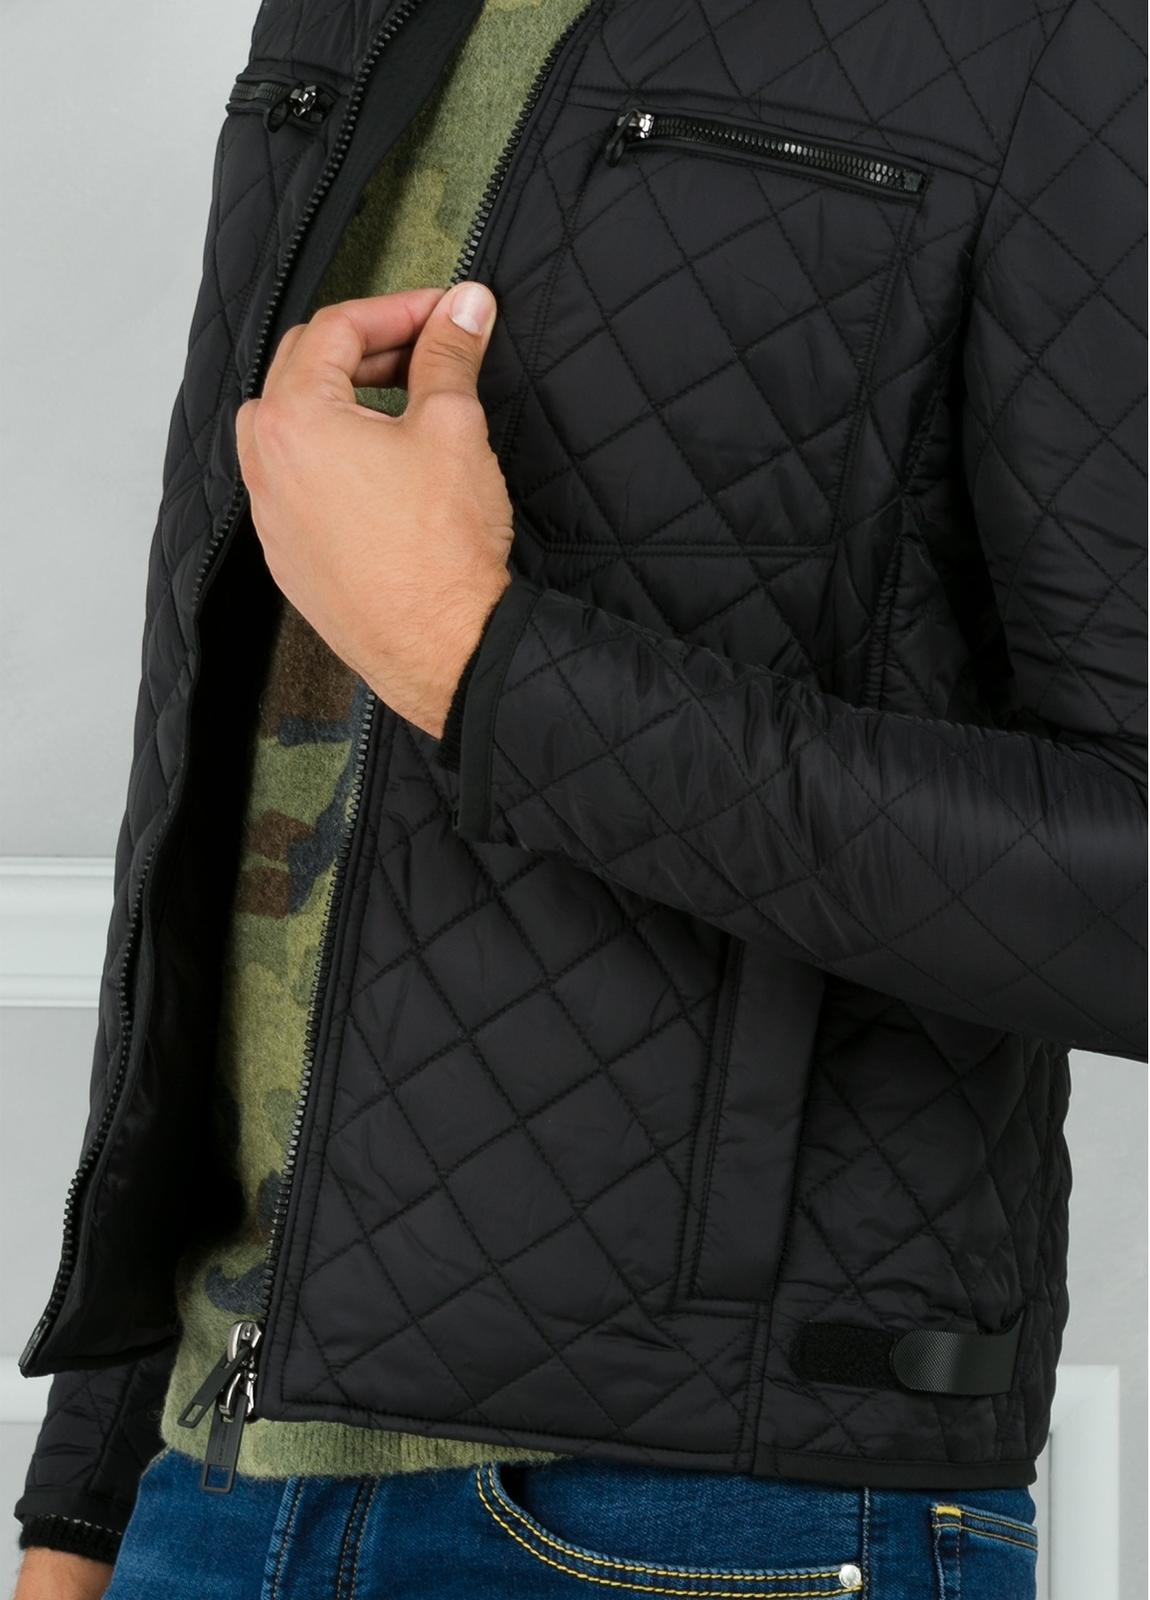 Cazadora acolchada con bolsillos y cremallera en puños color negro. 100% Poliamida. - Ítem1